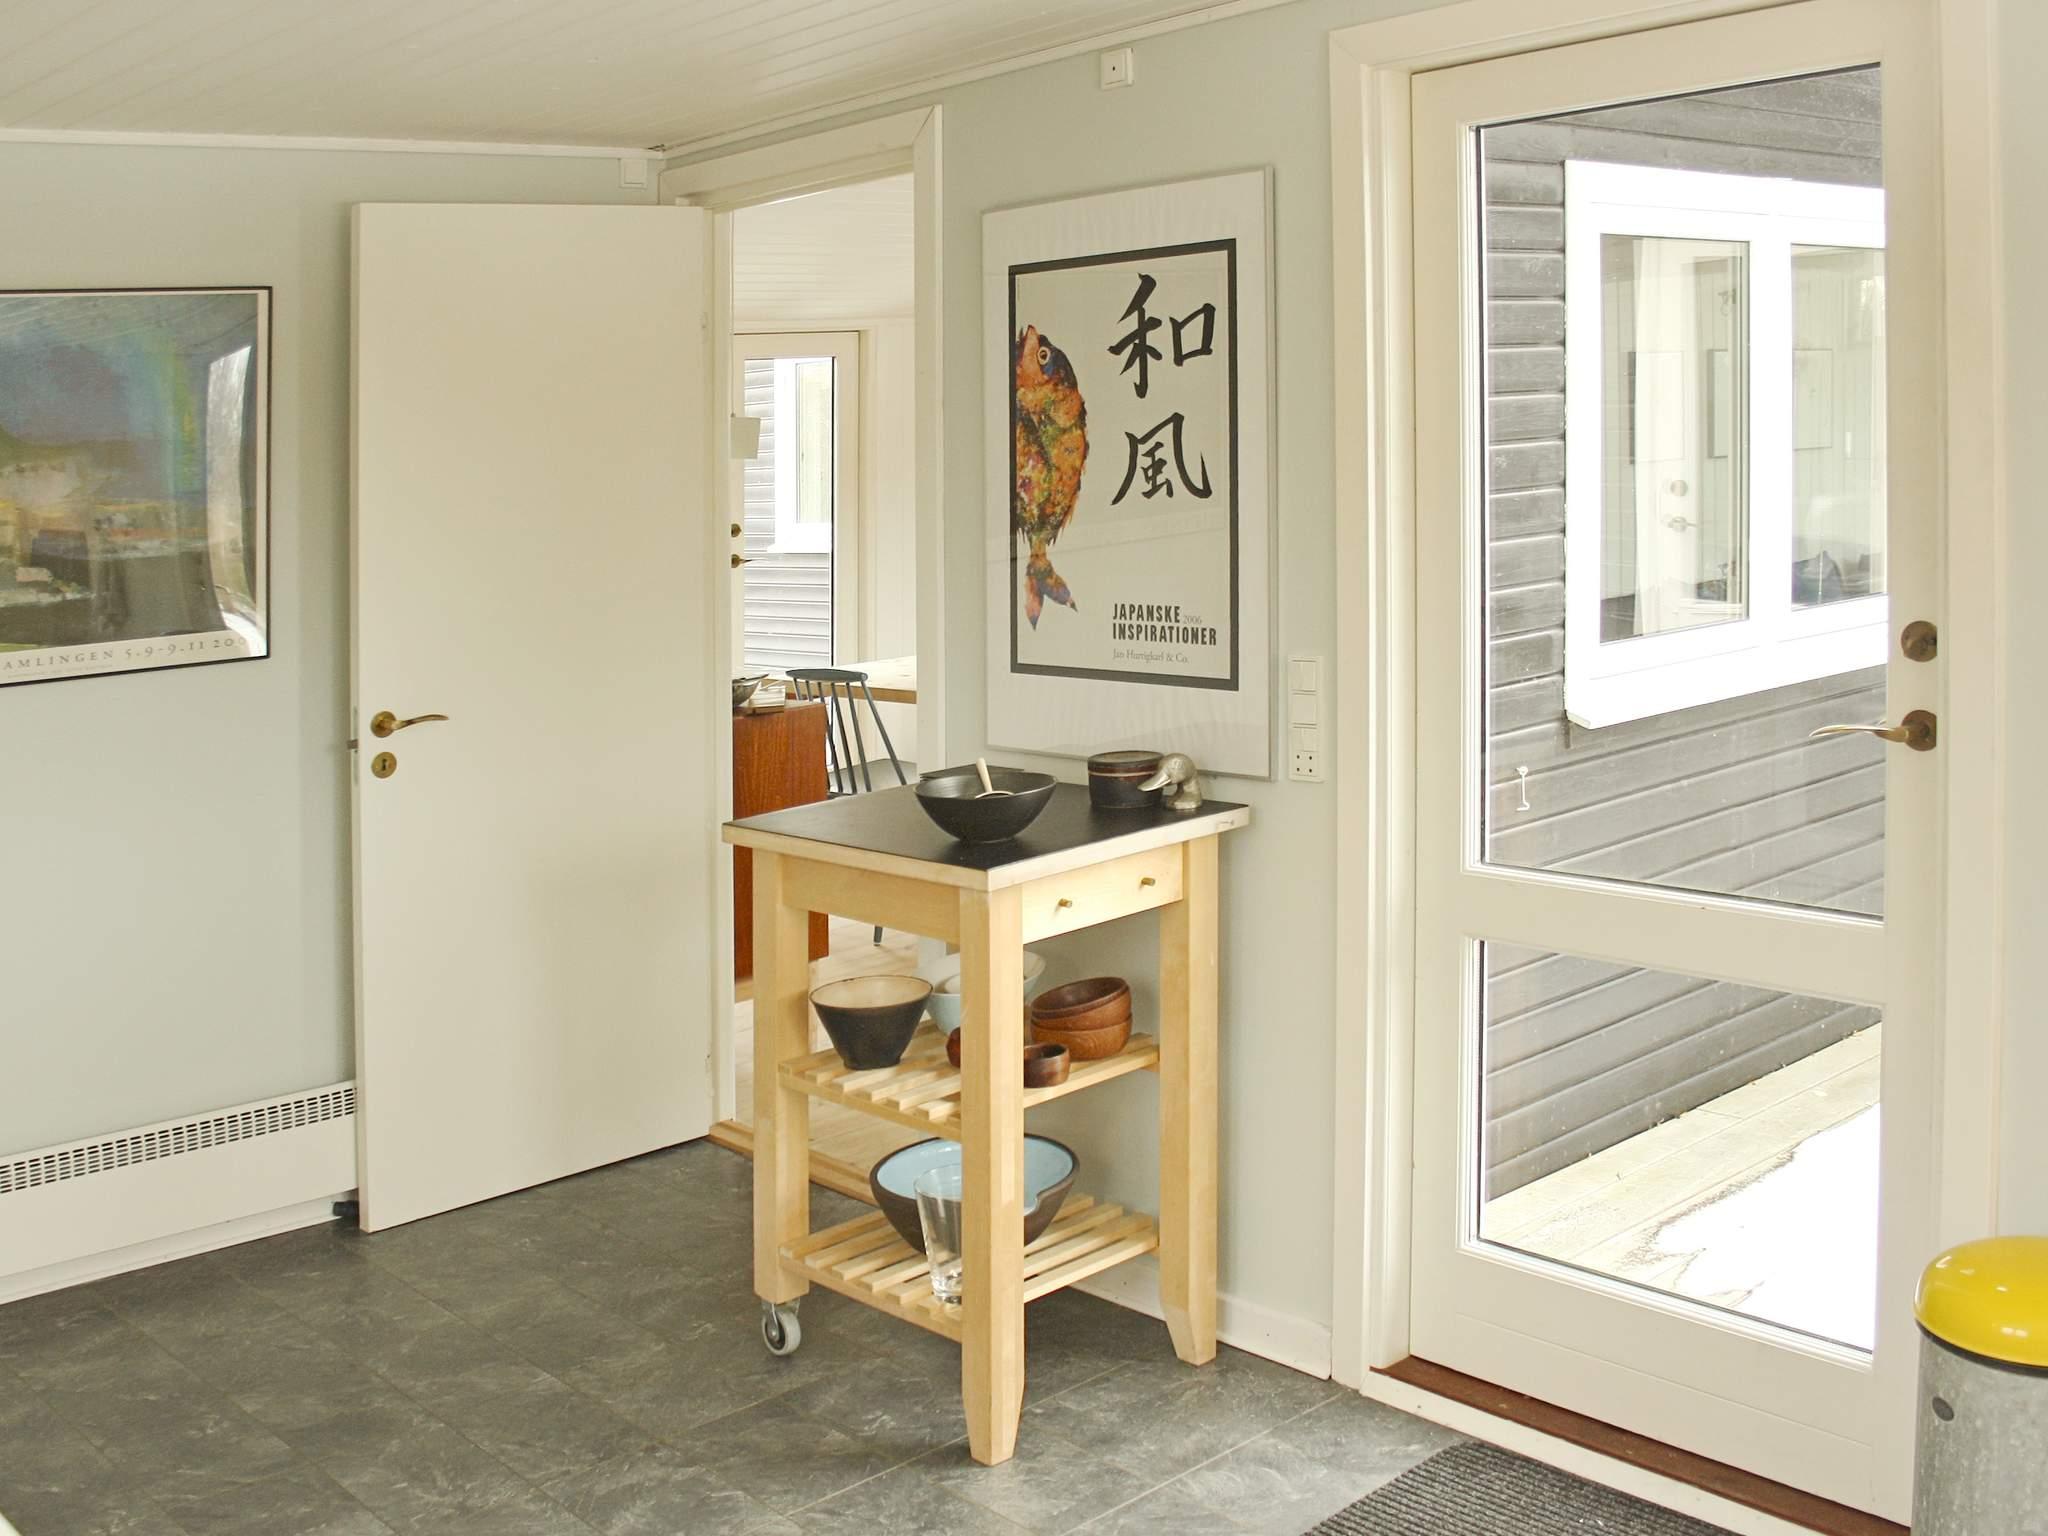 Ferienhaus Kulhuse (662167), Kulhuse, , Nordseeland, Dänemark, Bild 8